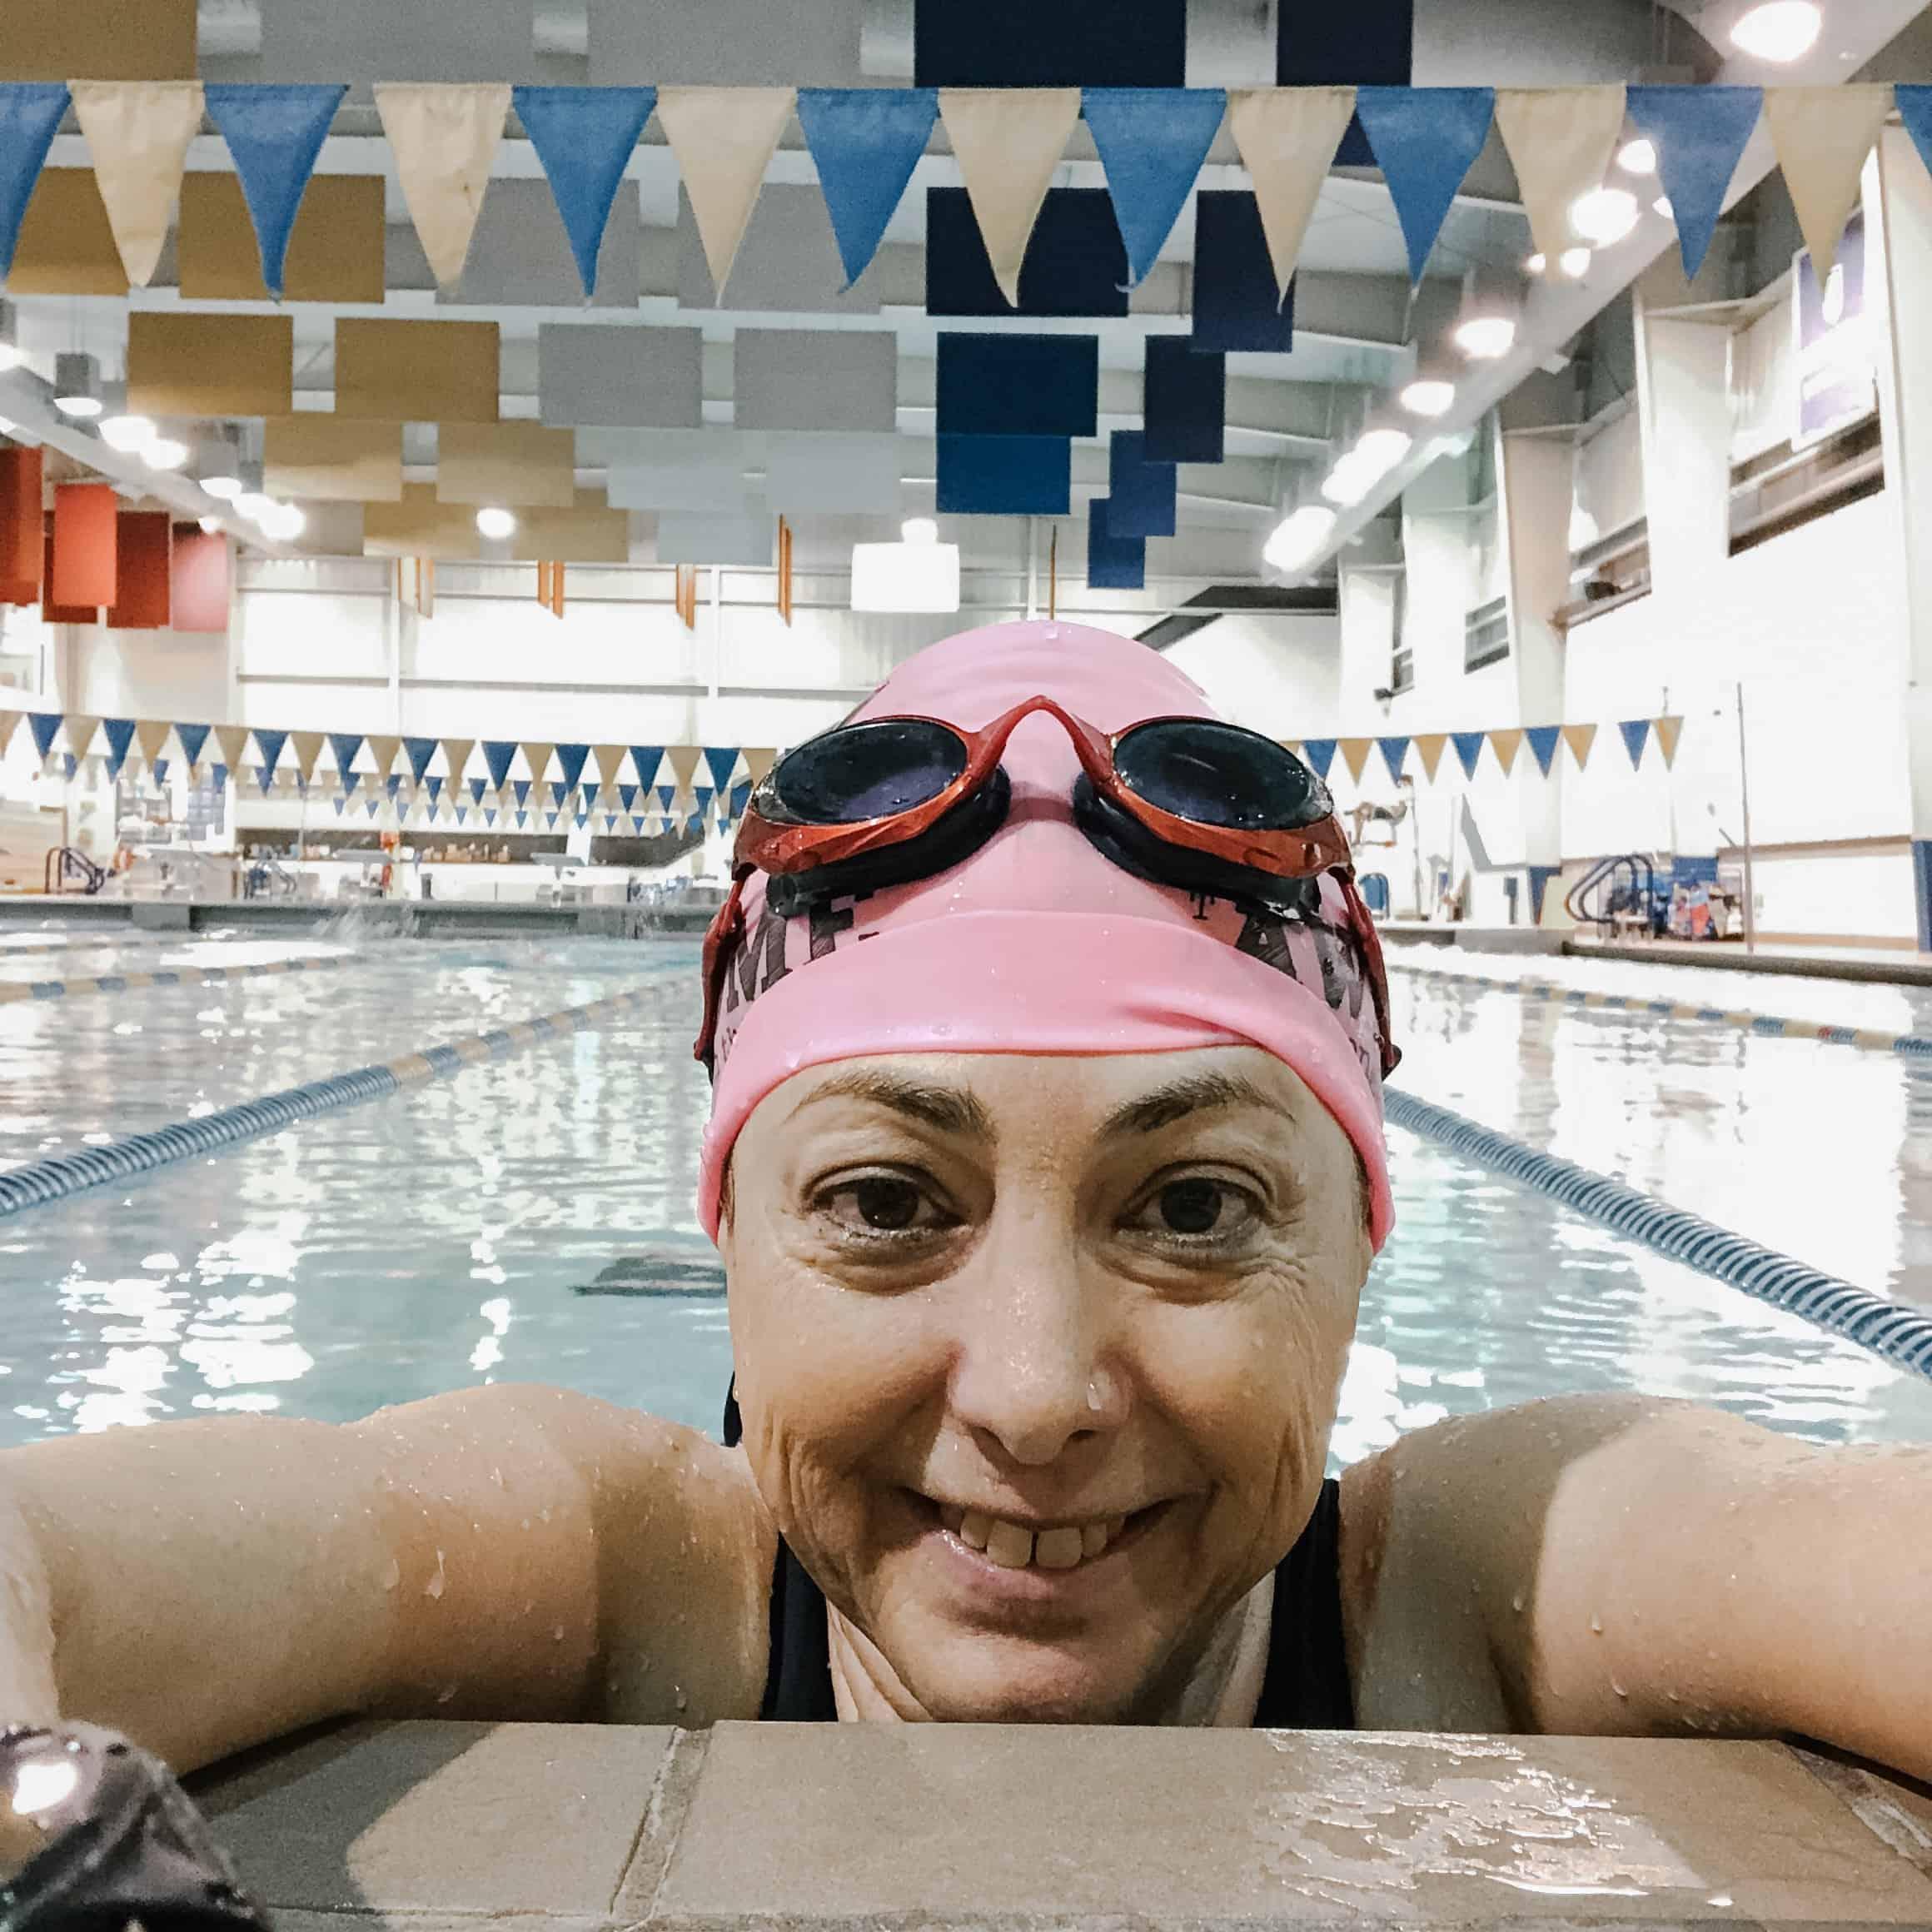 Hilary Topper at Hofstra Swim Center